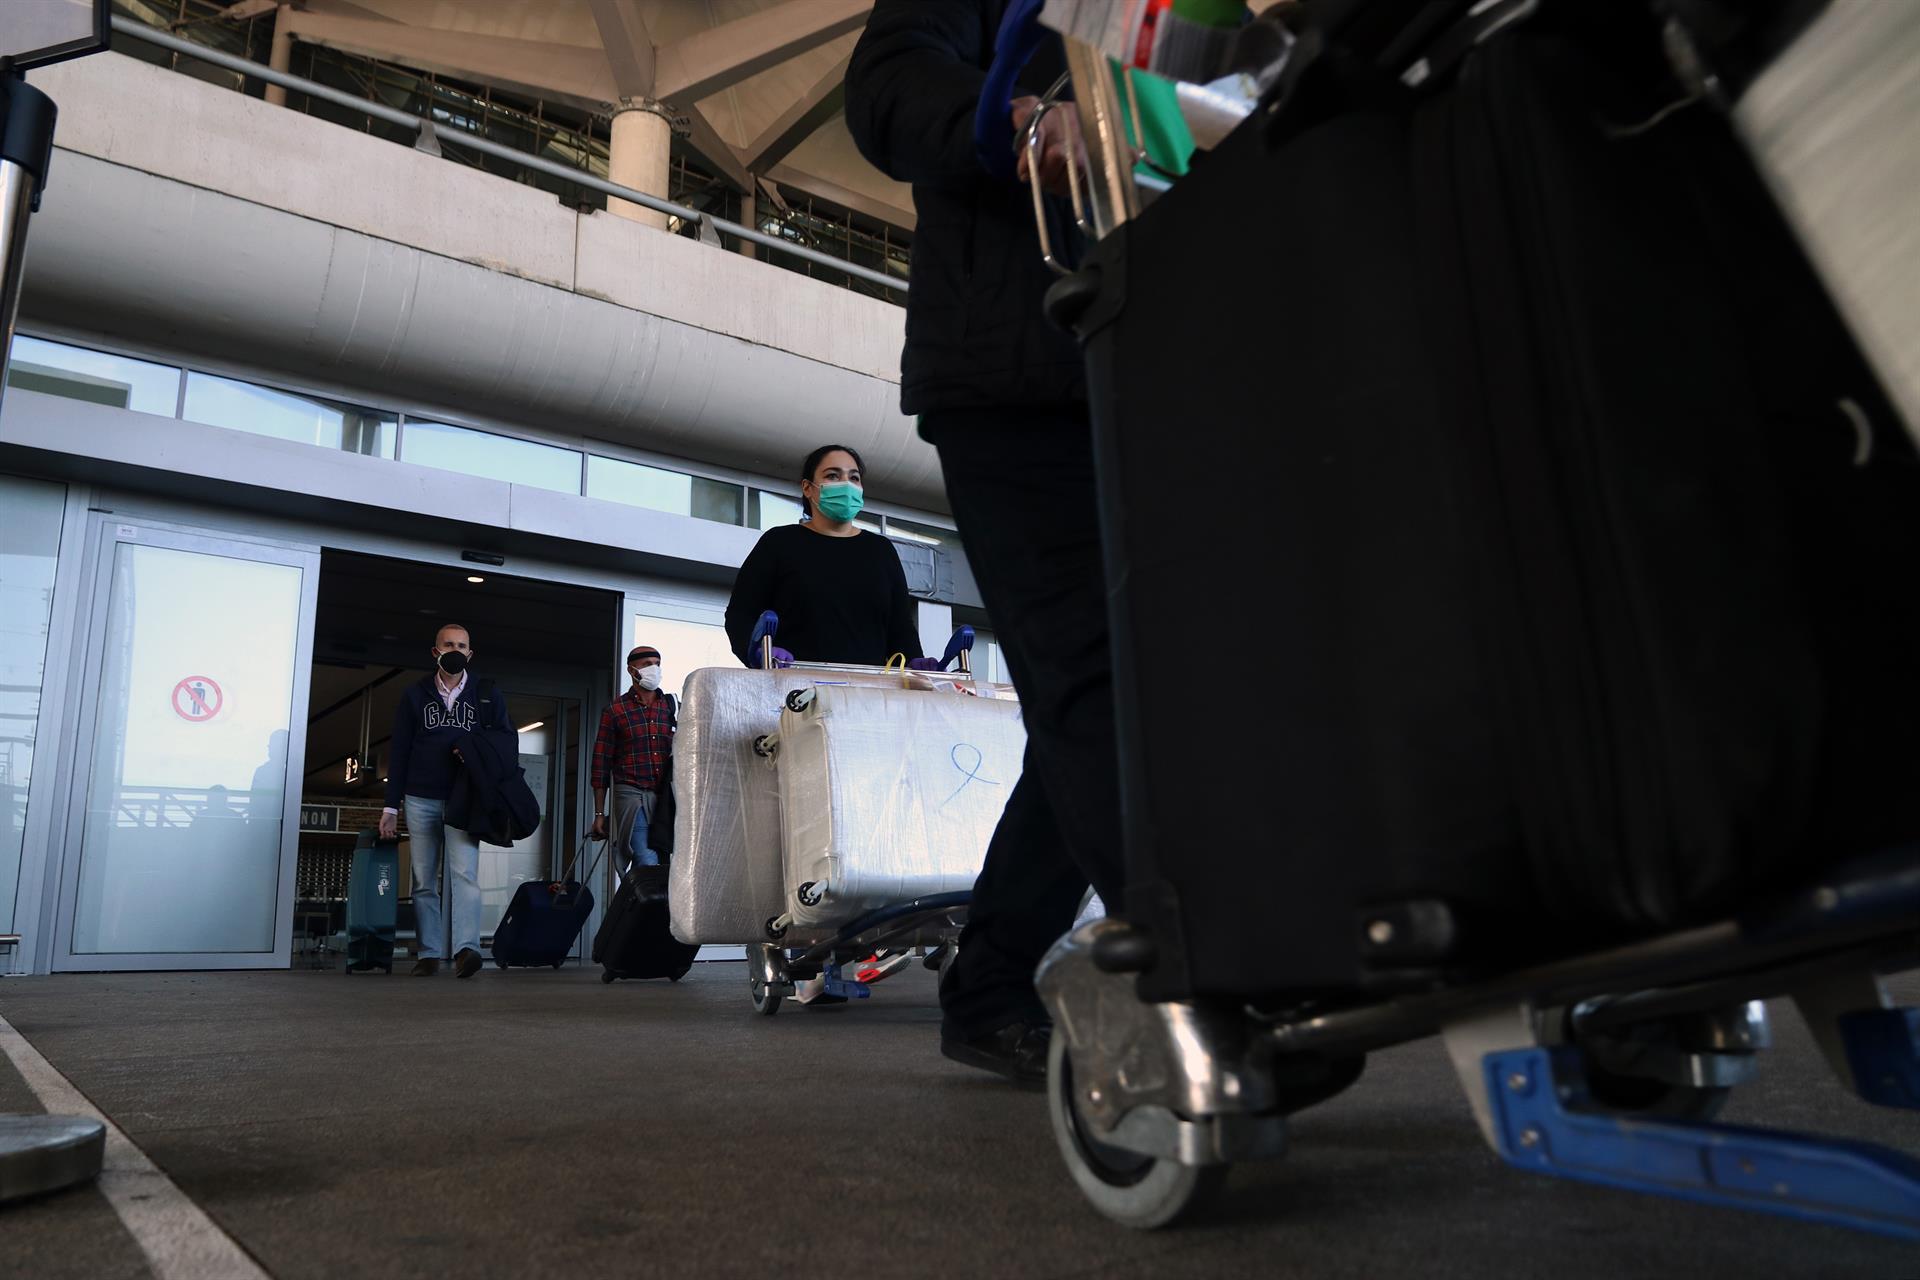 La llegada de turistas internacionales cae un 86,1% en Andalucía hasta abril y el gasto hasta los 215 millones